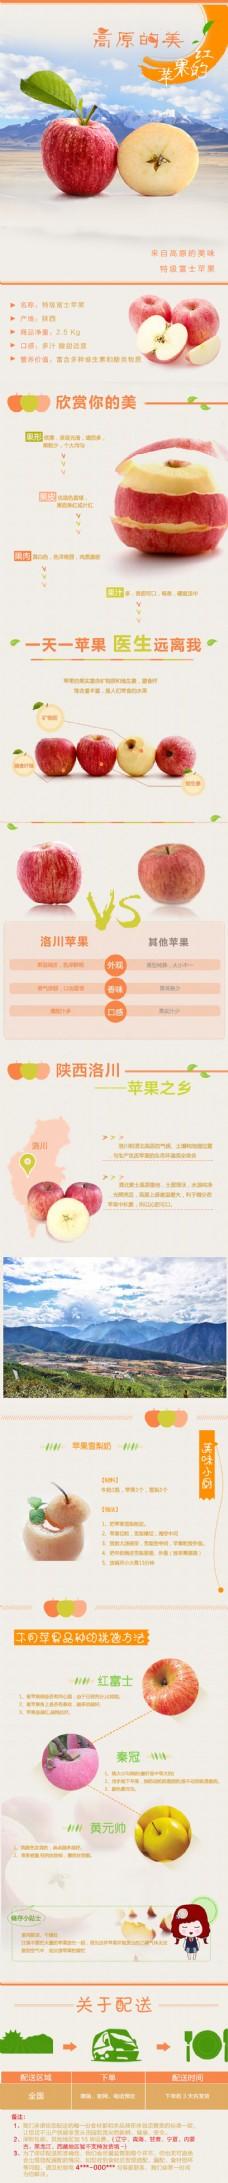 特级富士苹果详情页